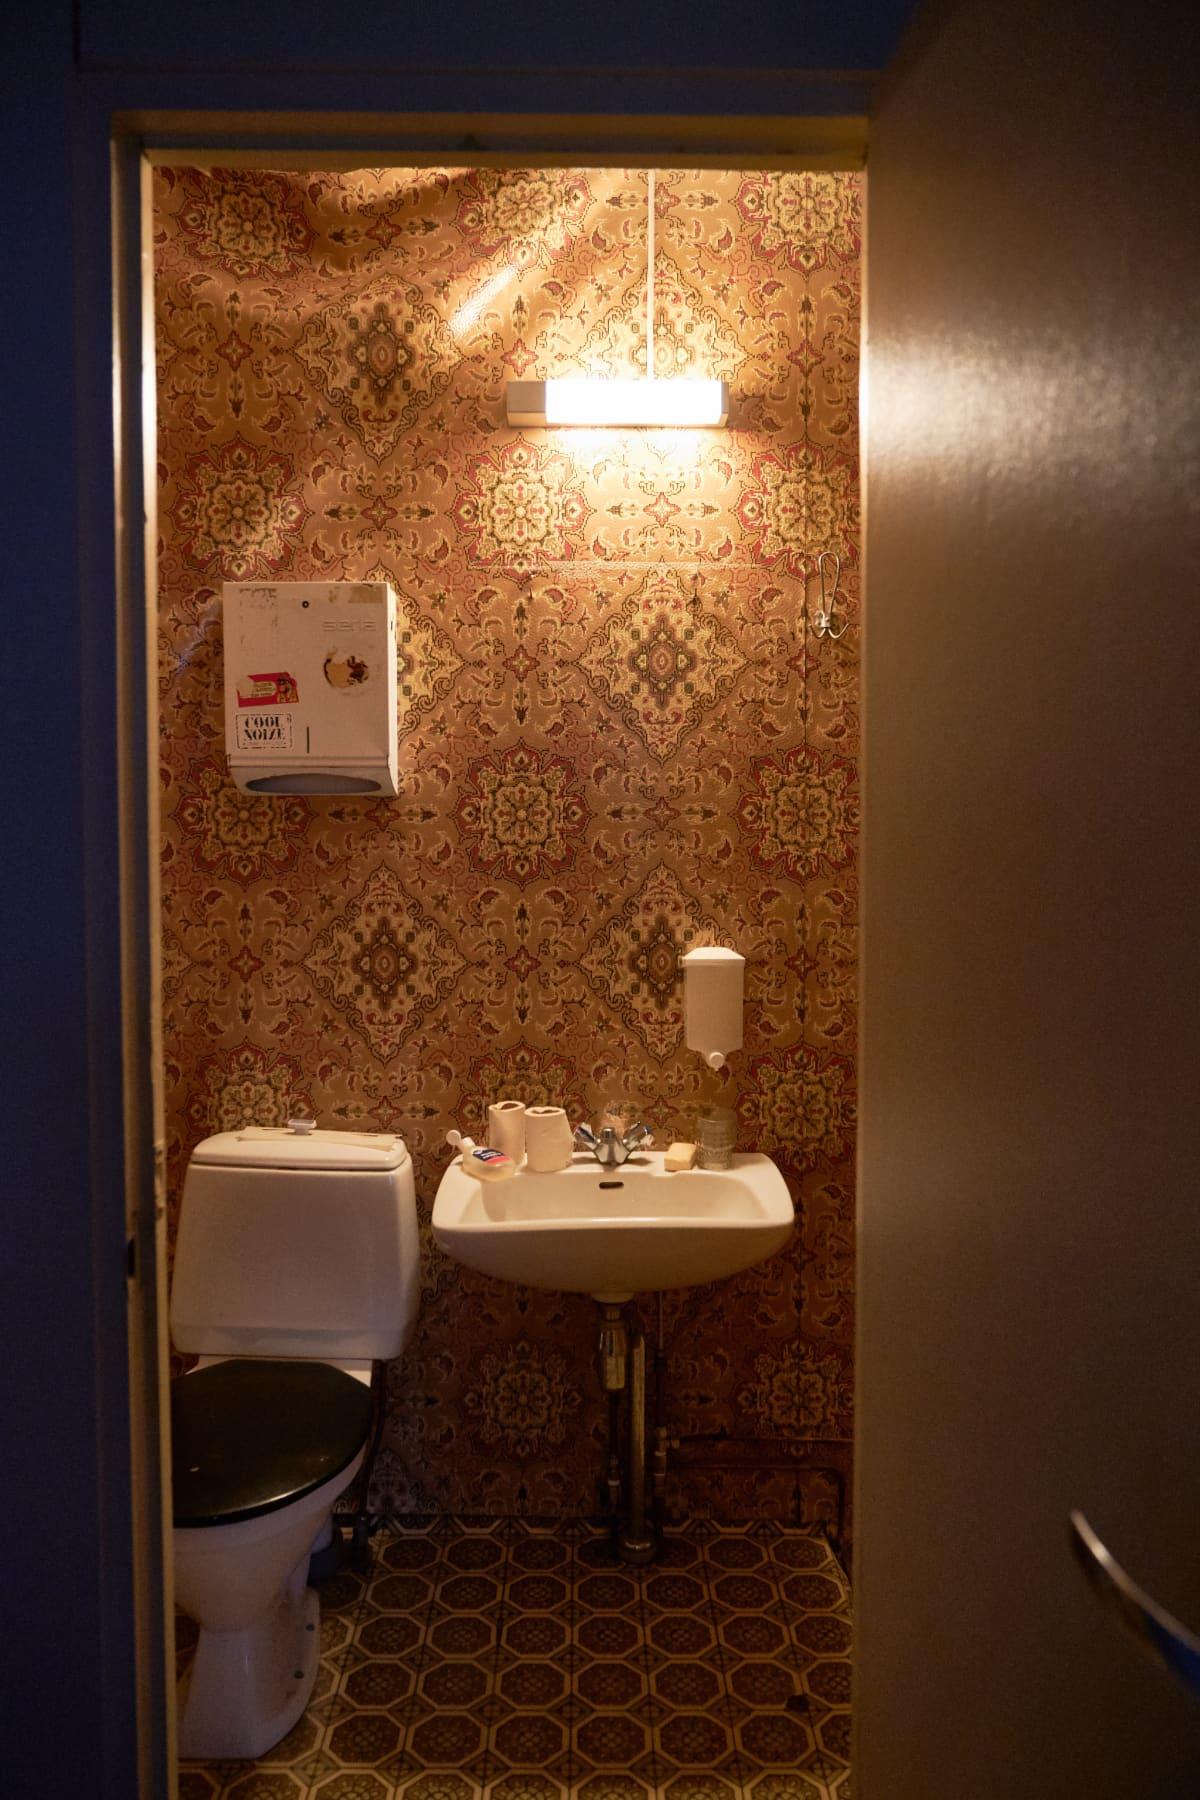 Baccaran esiintymisen ehtona vuonna 1978 oli se, että suosikkiduolle rakennettiin oma vessa.